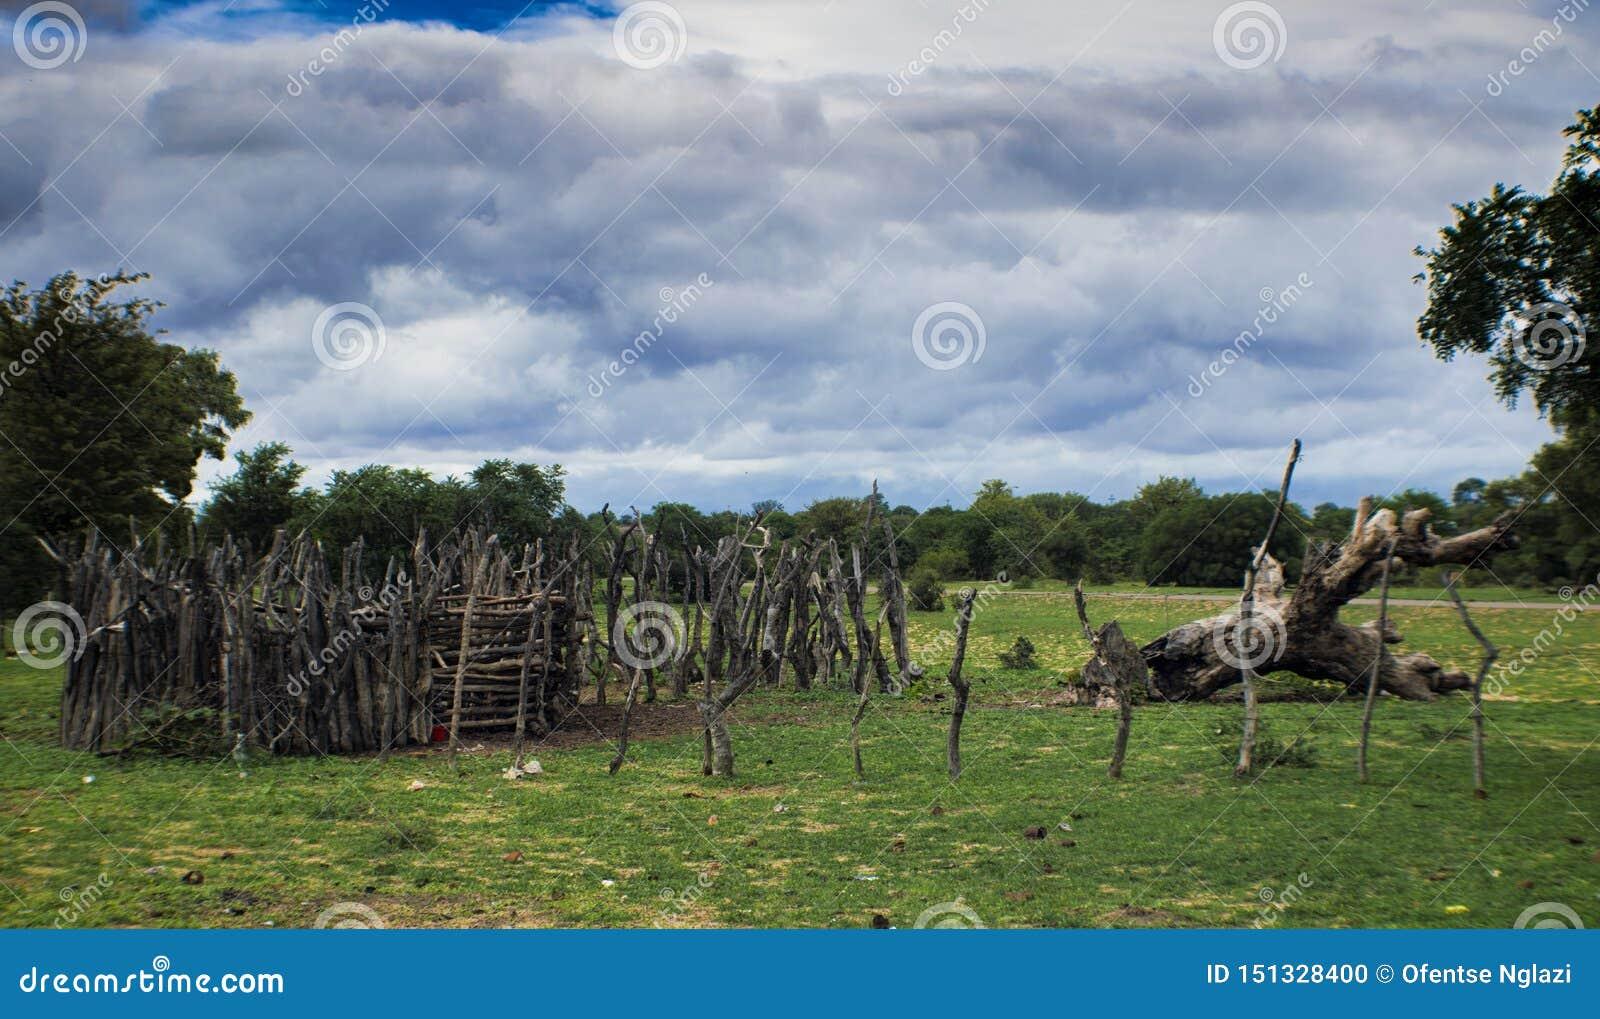 Ζωικό κεφάλαιο Kraal της Αφρικής